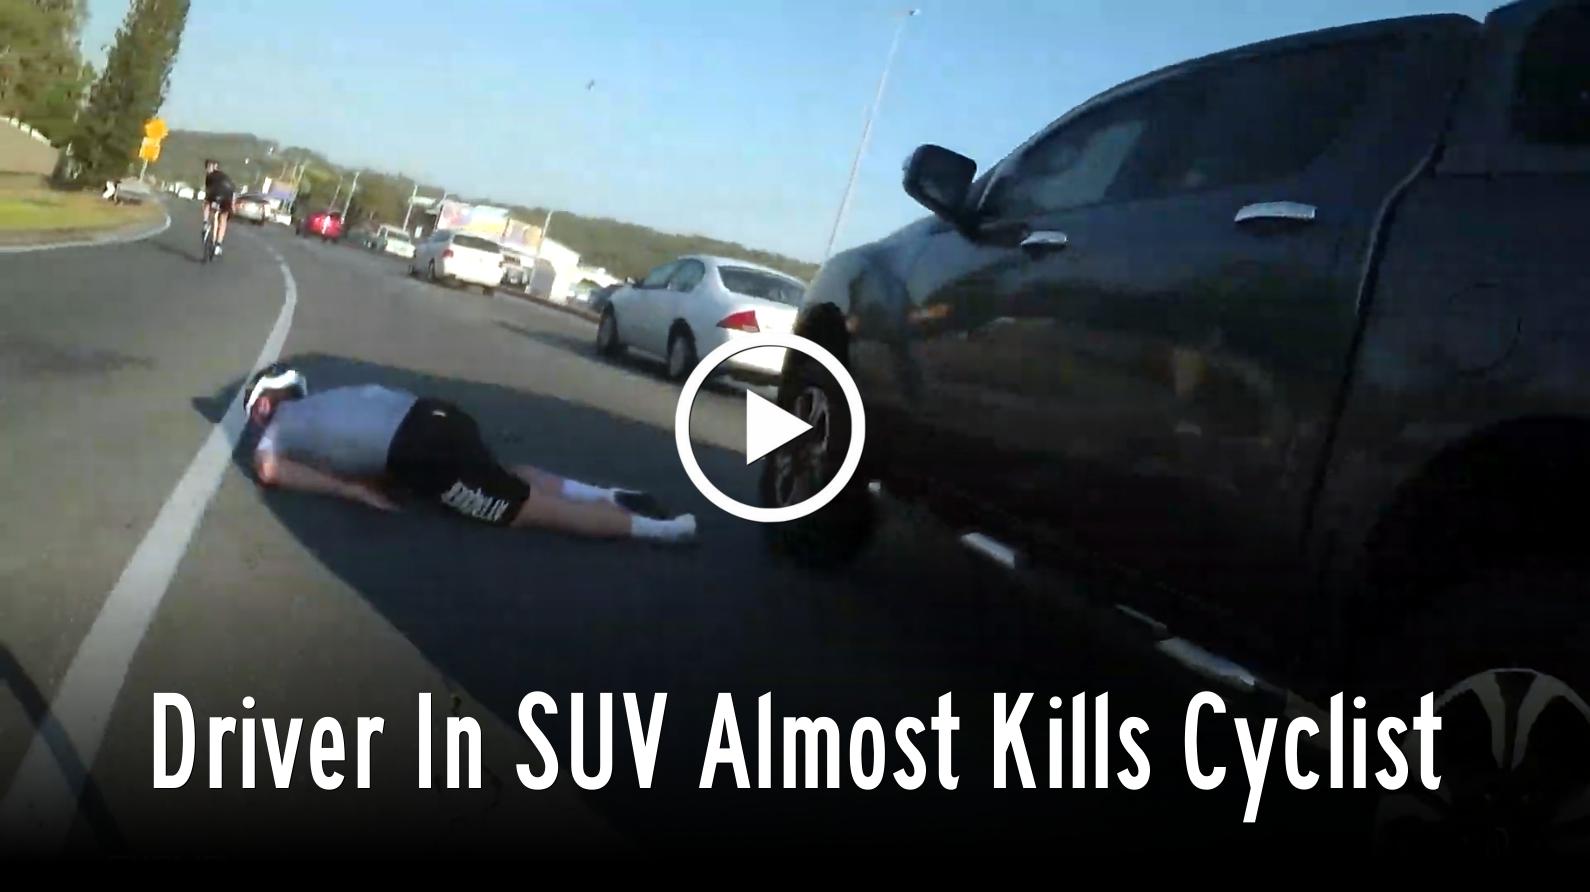 Driver in SUV Almost Kills Cyclist